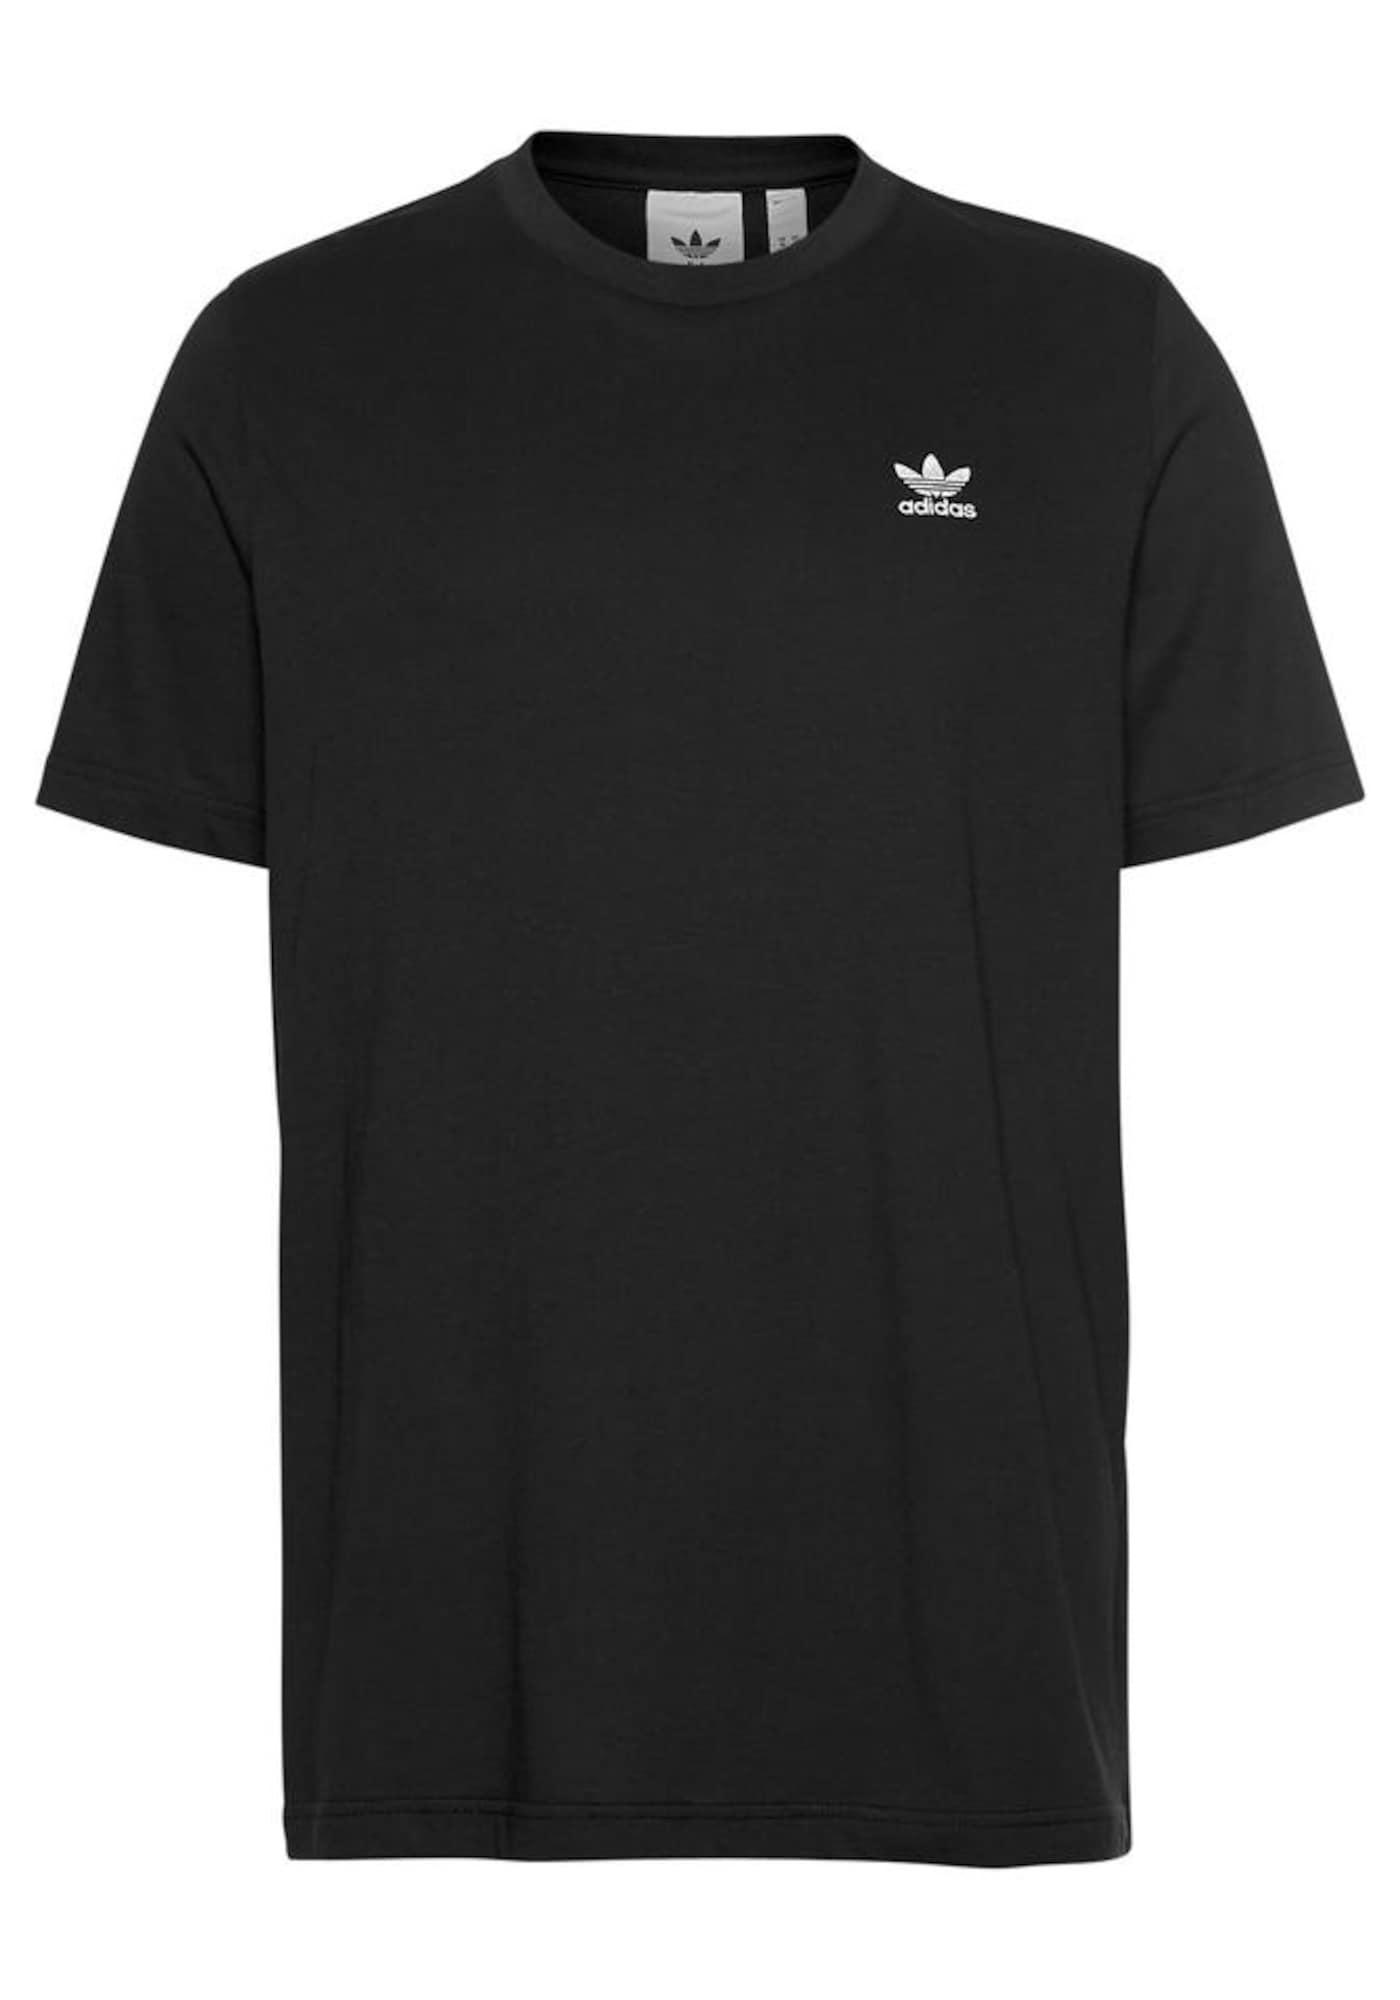 ADIDAS ORIGINALS Marškinėliai 'Essential' balta / juoda